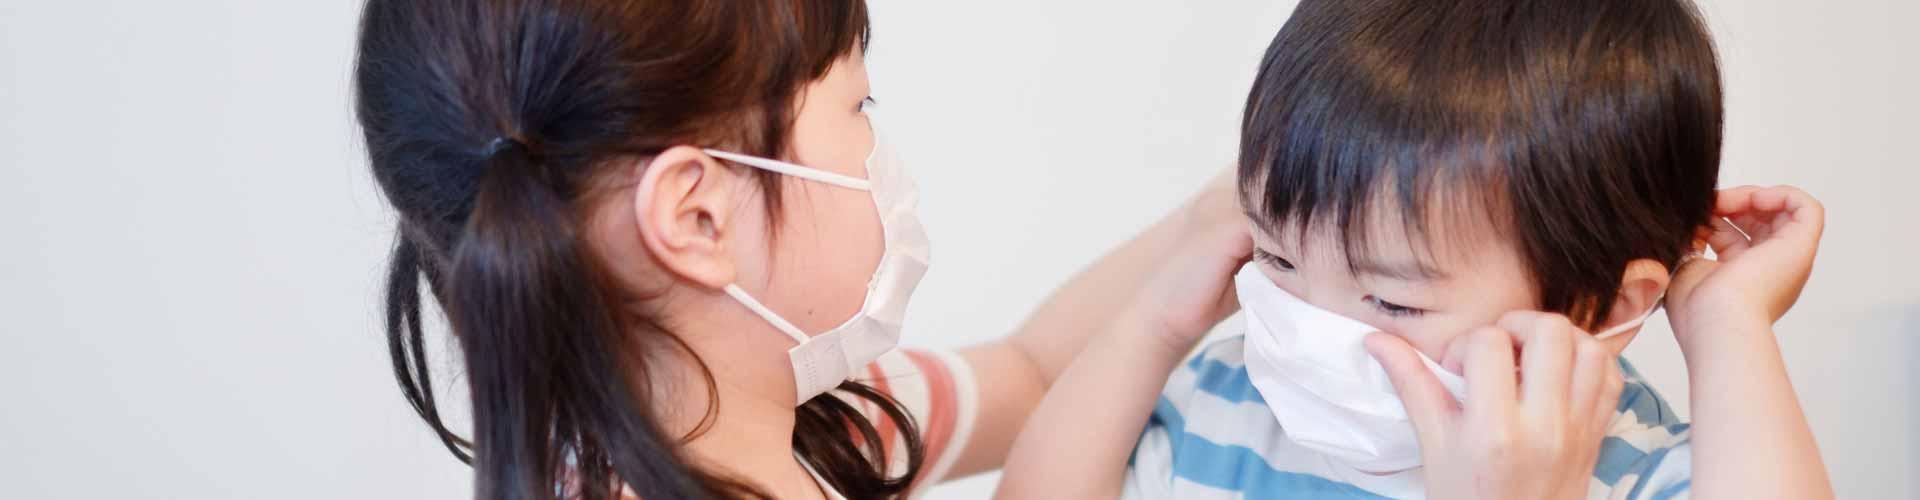 【新型コロナ感染者の声】家庭内感染を防ぐためには?